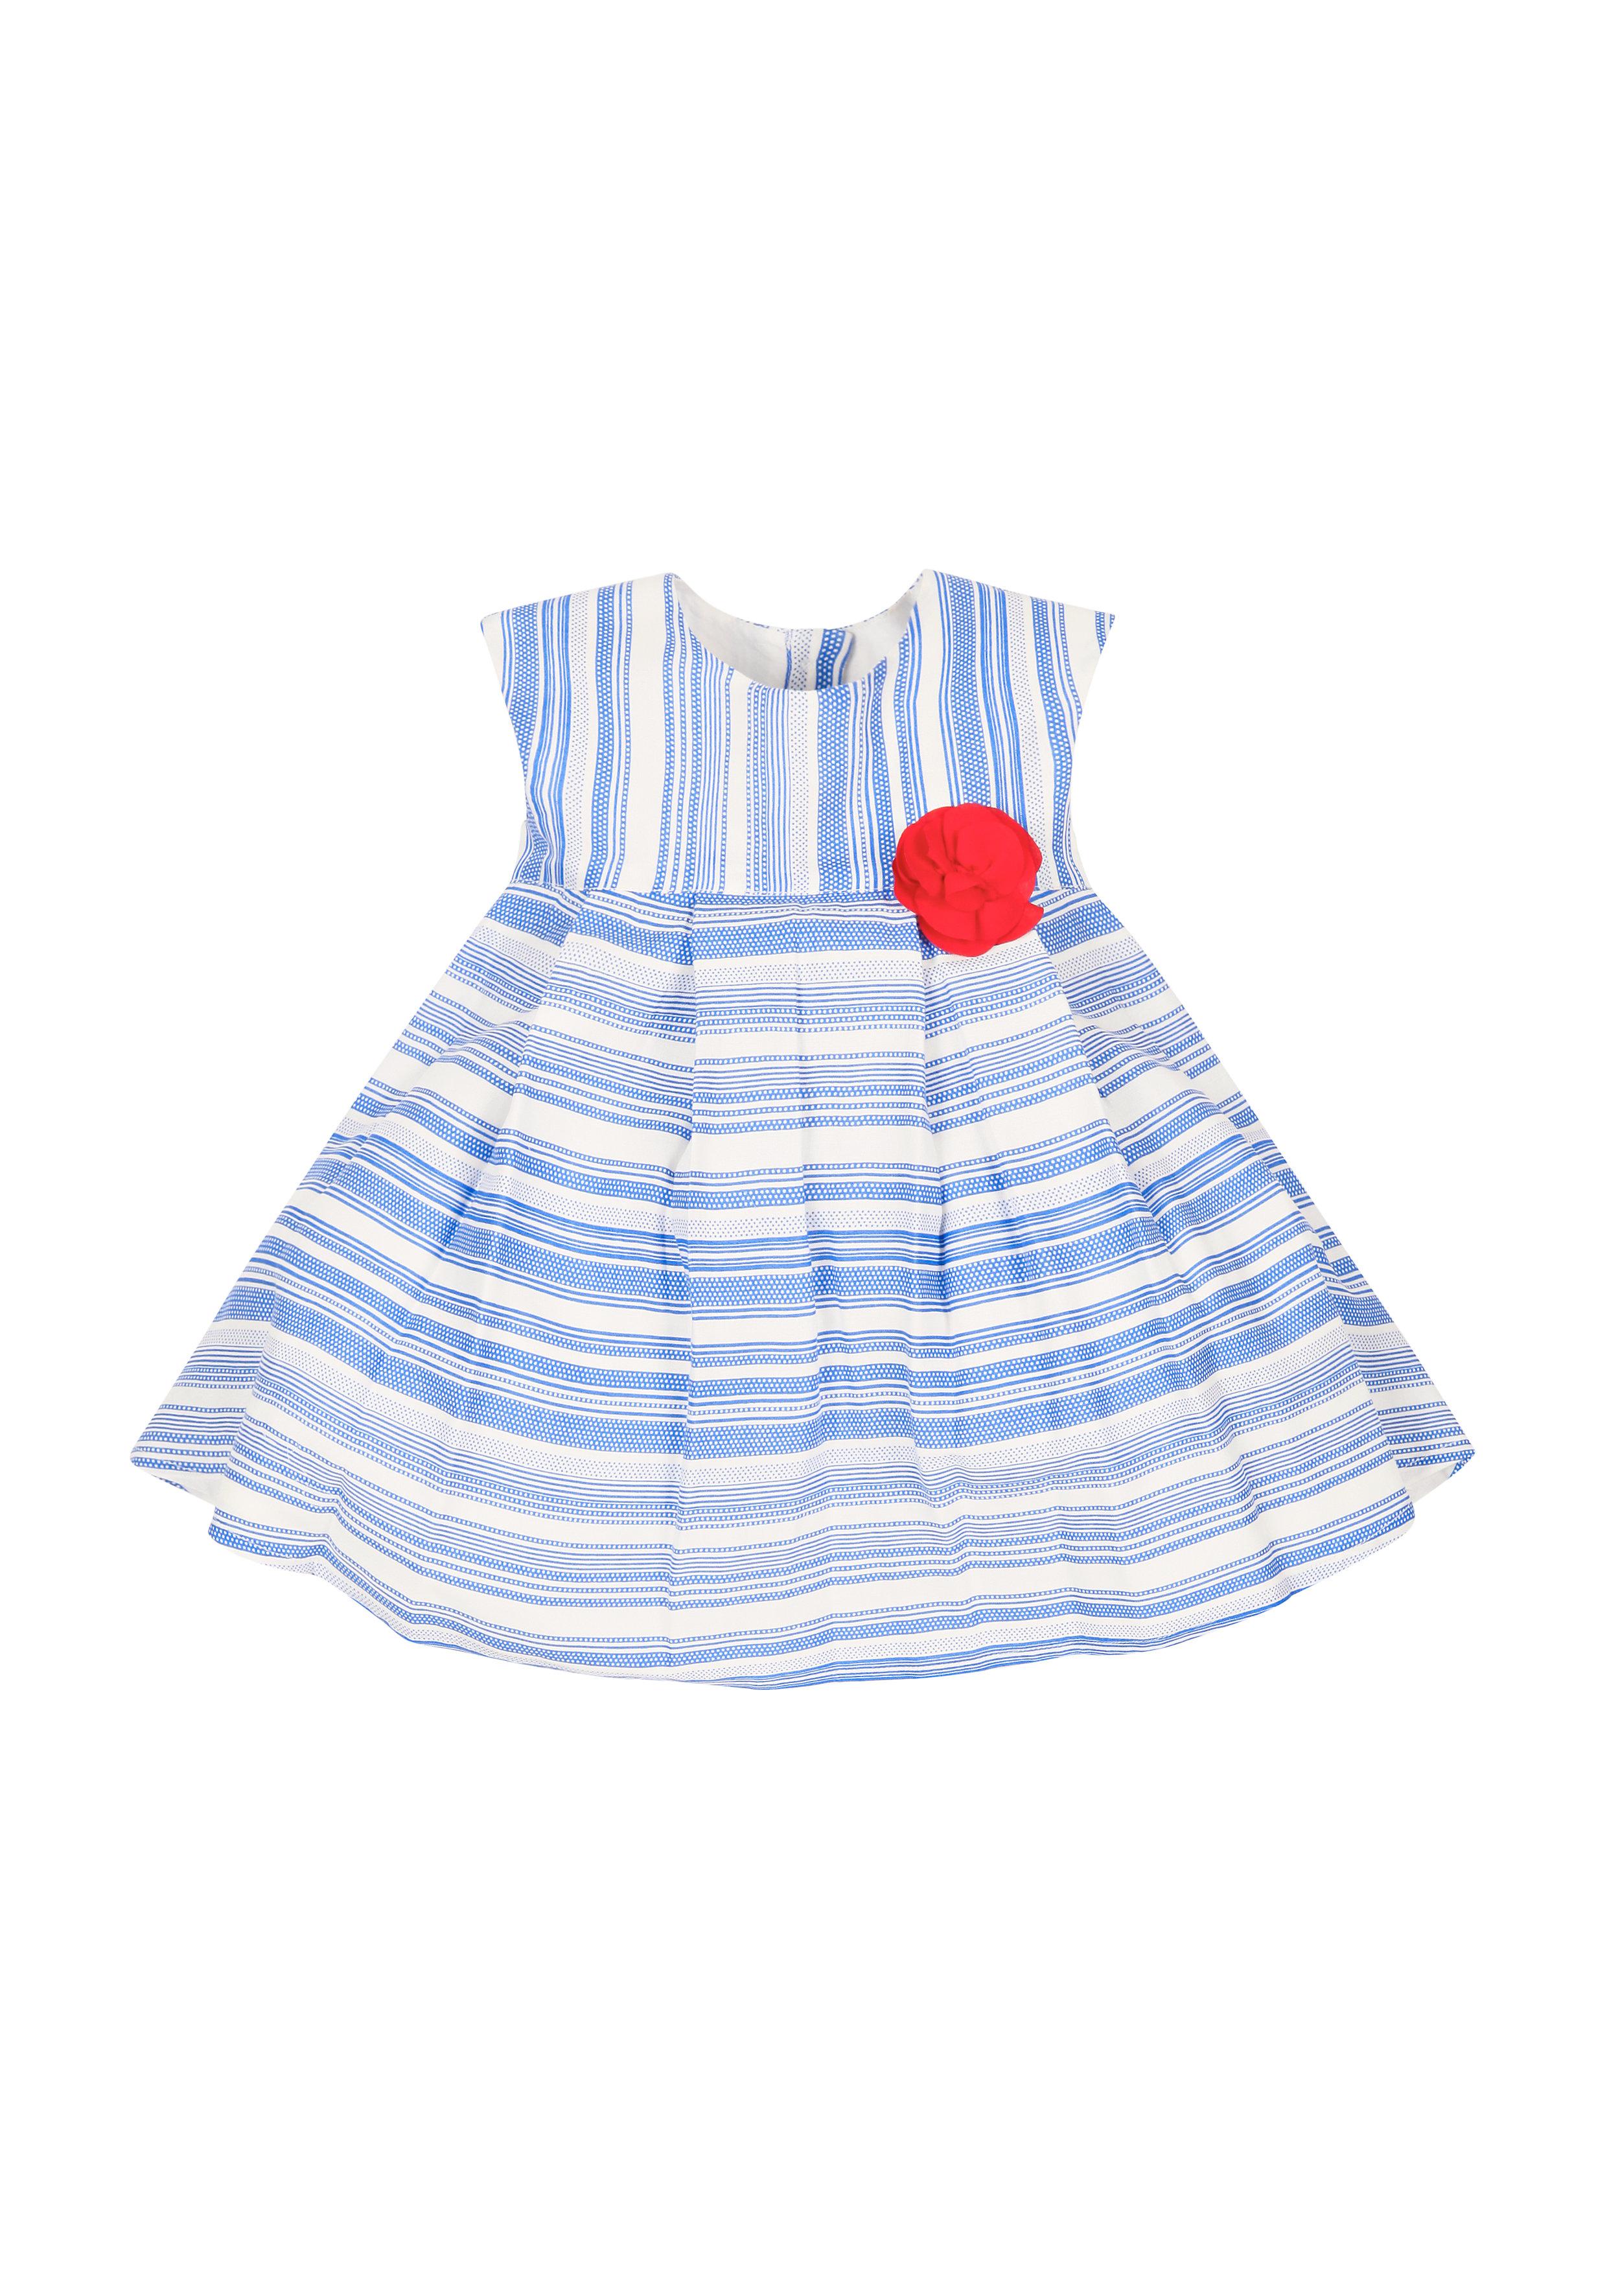 Mothercare | Girls Stripy Summer Dress